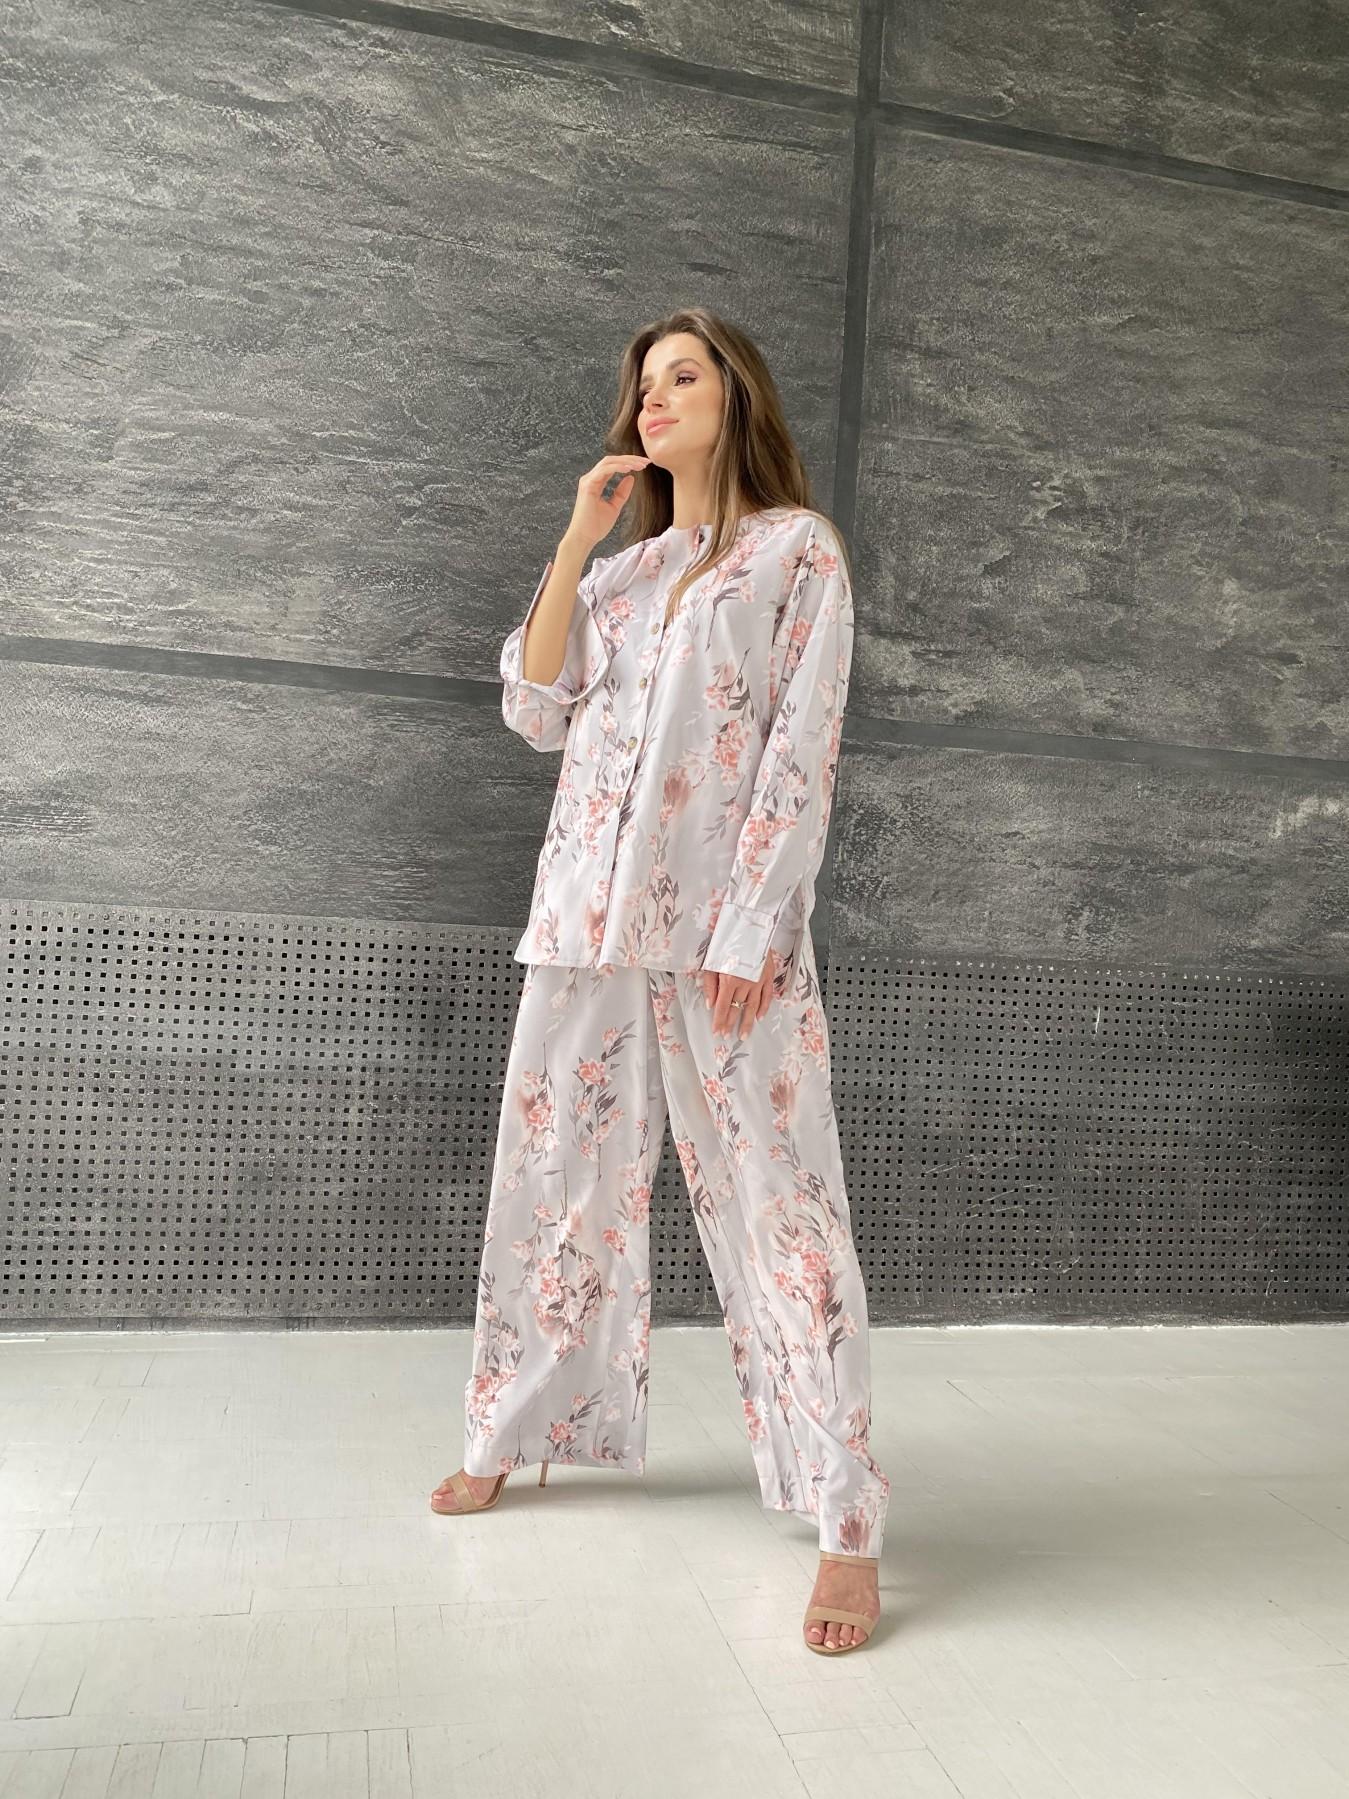 Колибри костюм софт с принтом 11244 АРТ. 48240 Цвет: Цветы на ветке серый/пудра - фото 2, интернет магазин tm-modus.ru